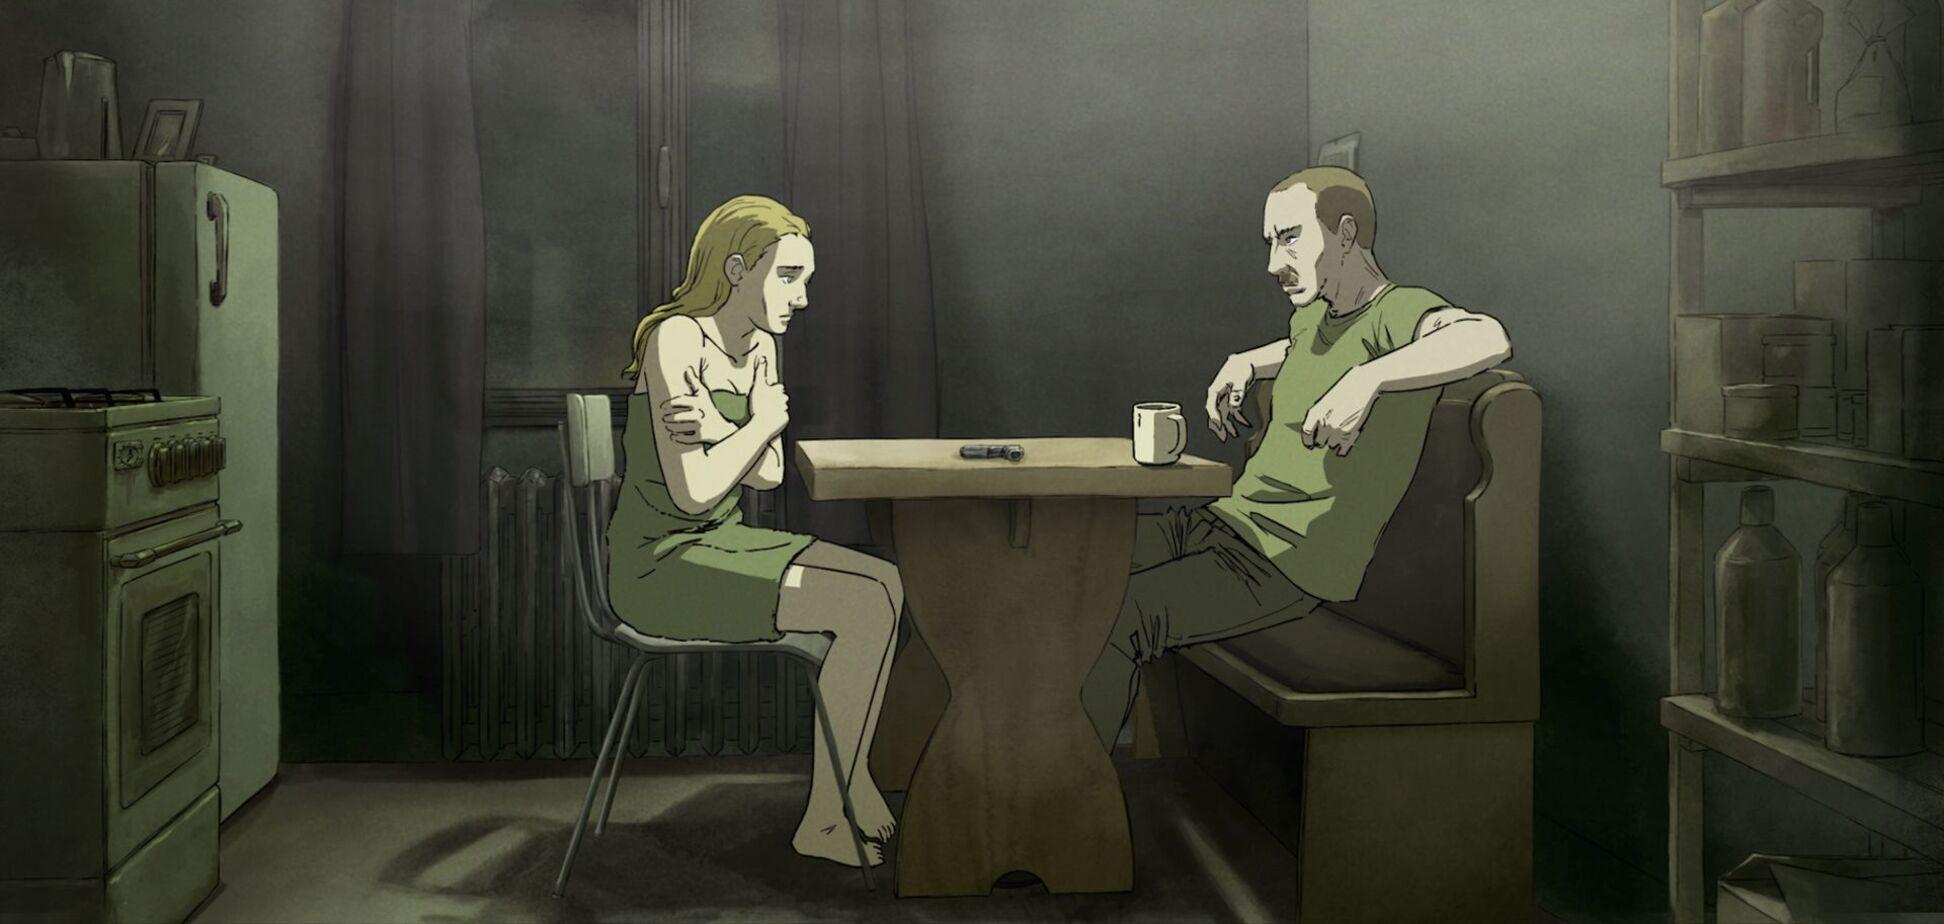 Война на Донбассе сделала из женщин бесправных объектов